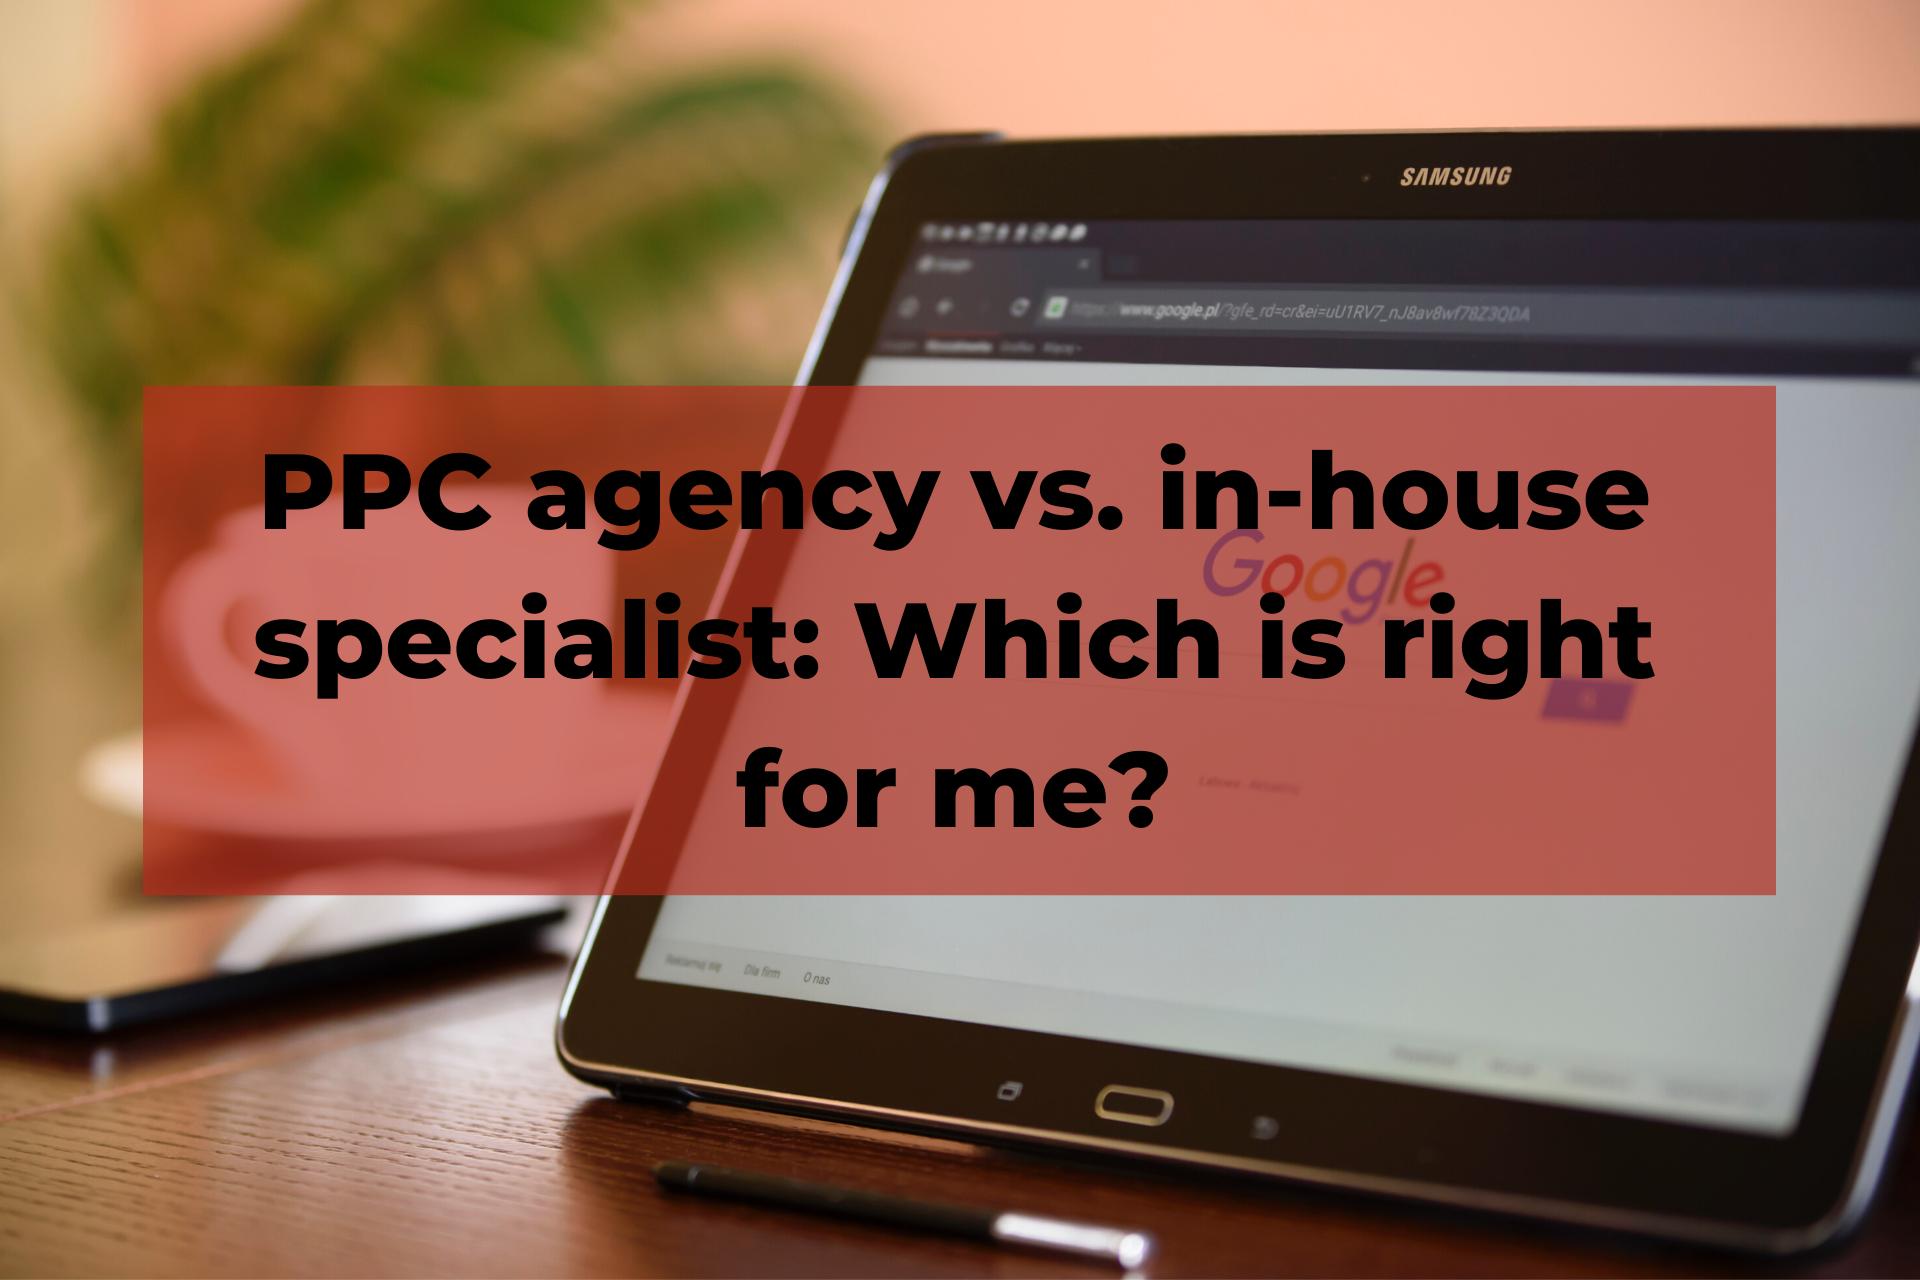 PPC agency vs in-house